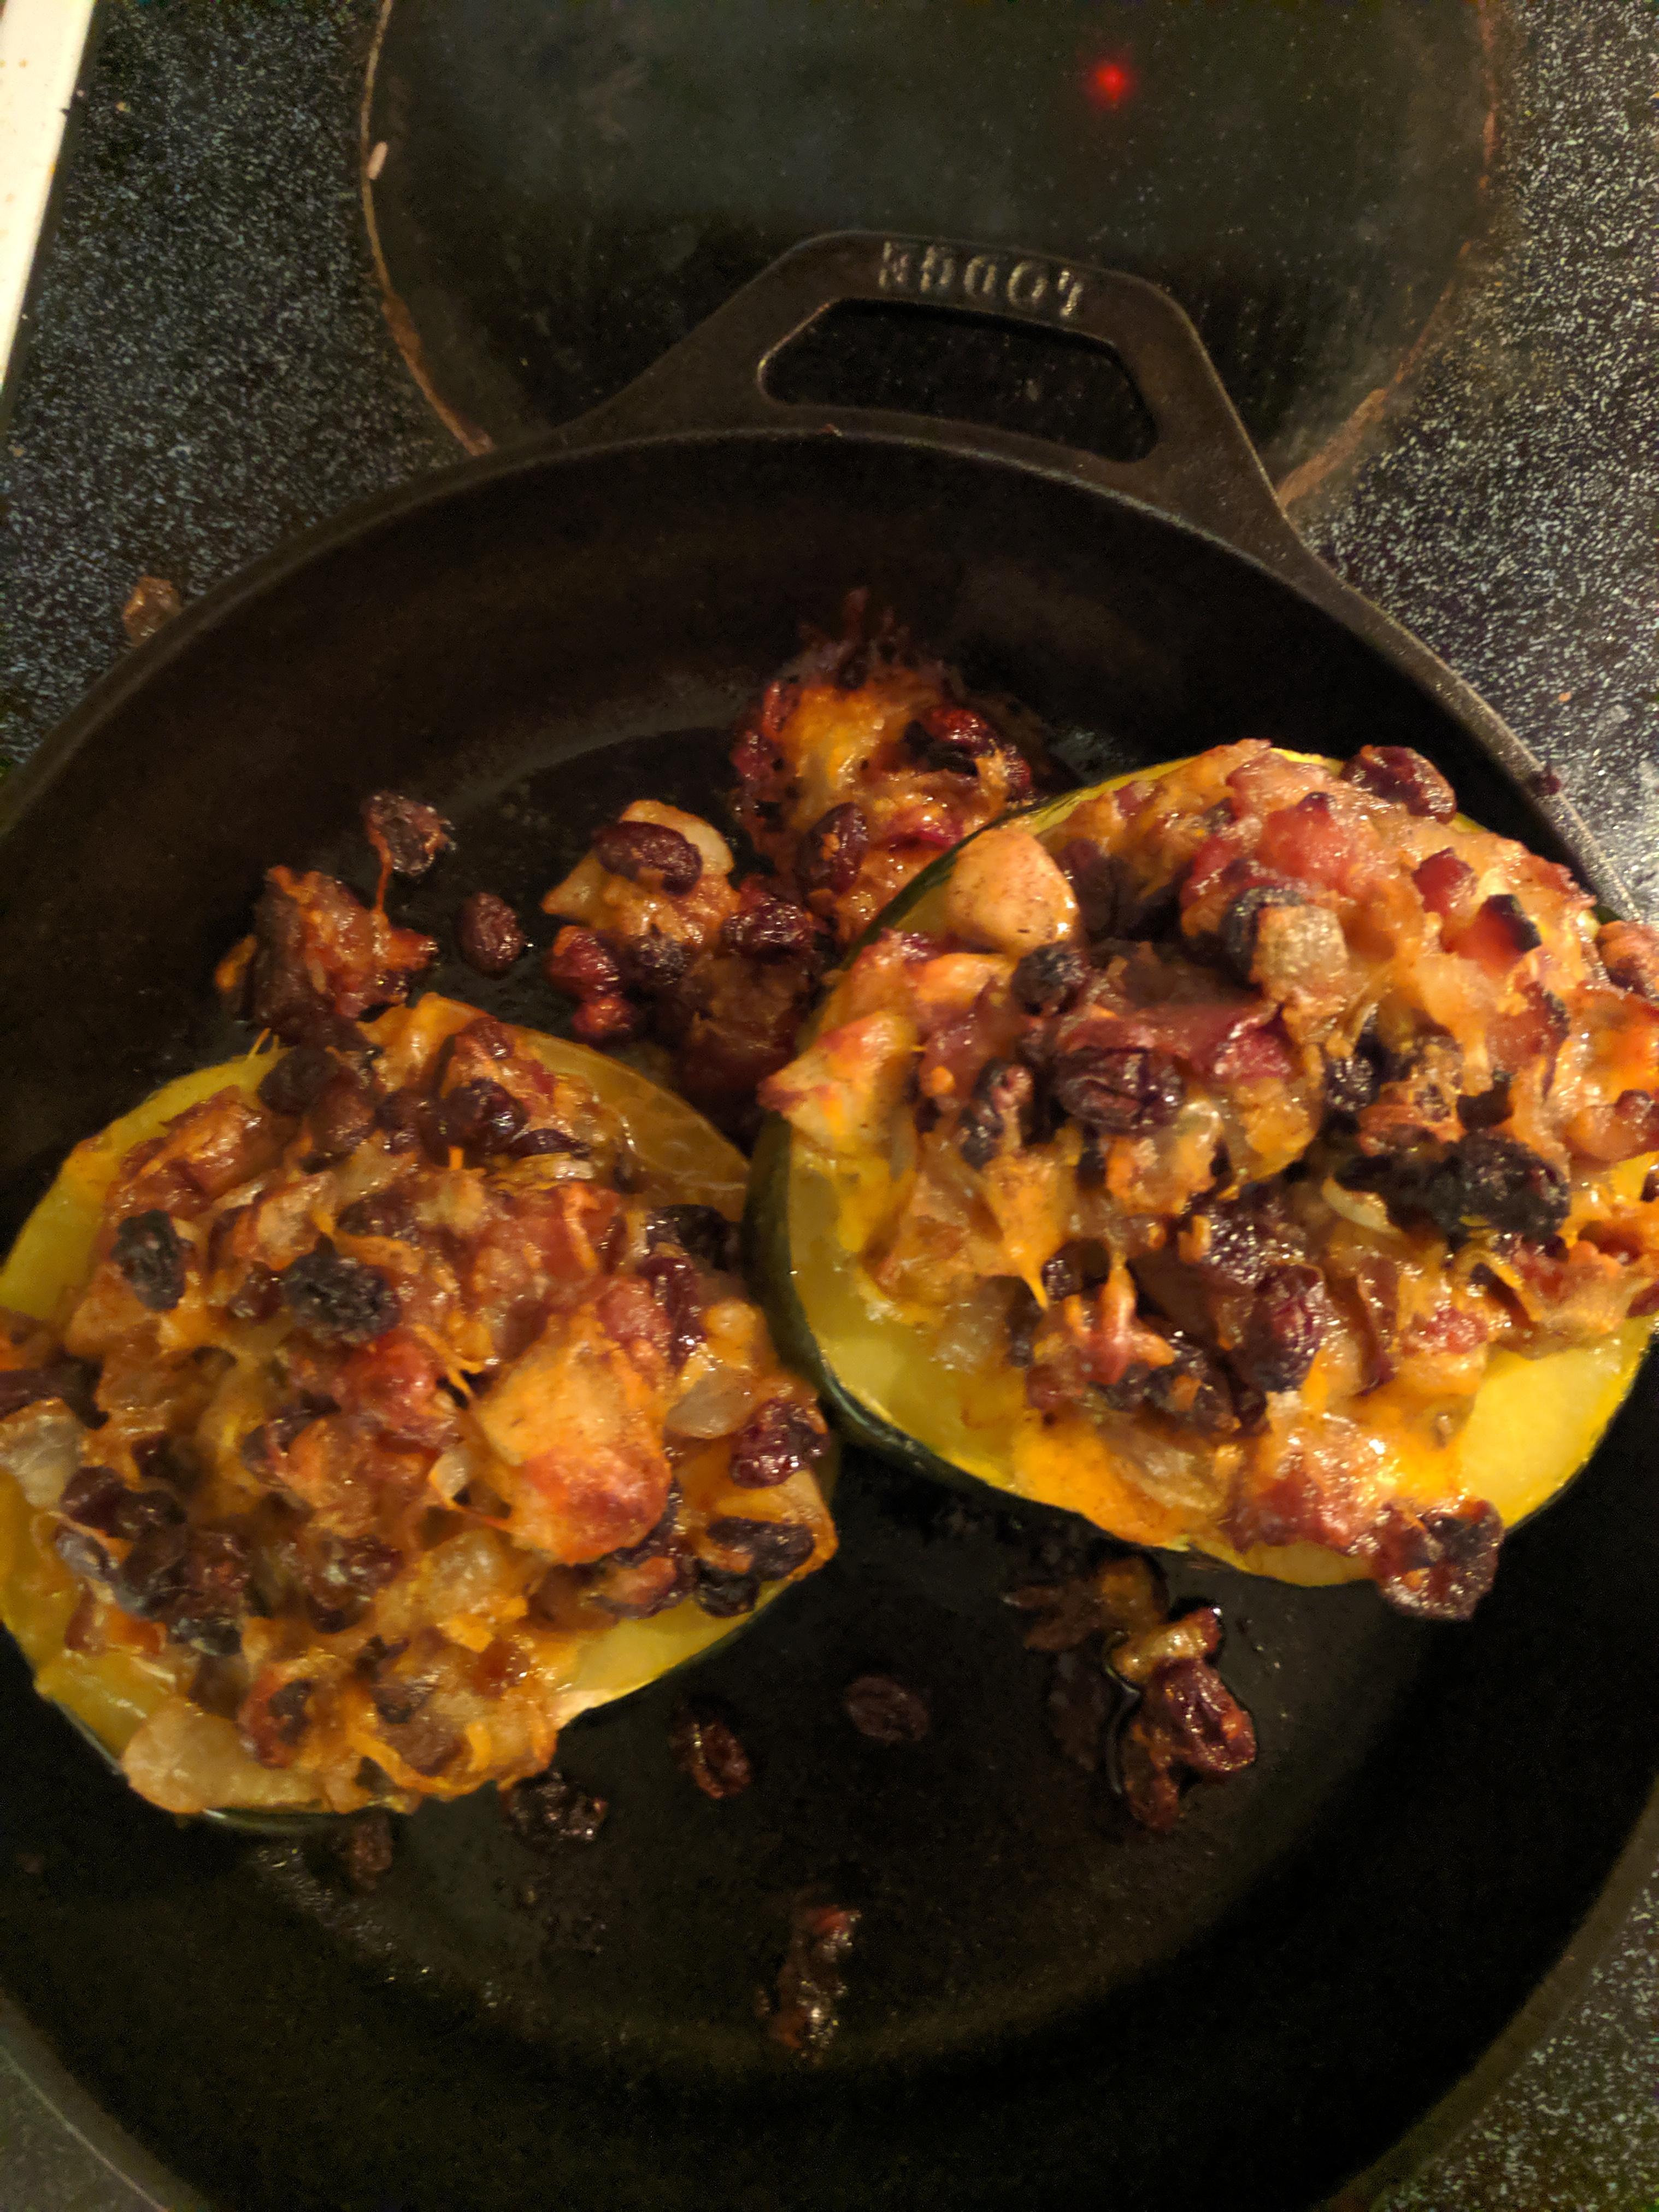 Apple-Stuffed Acorn Squash Jelle Tamminga